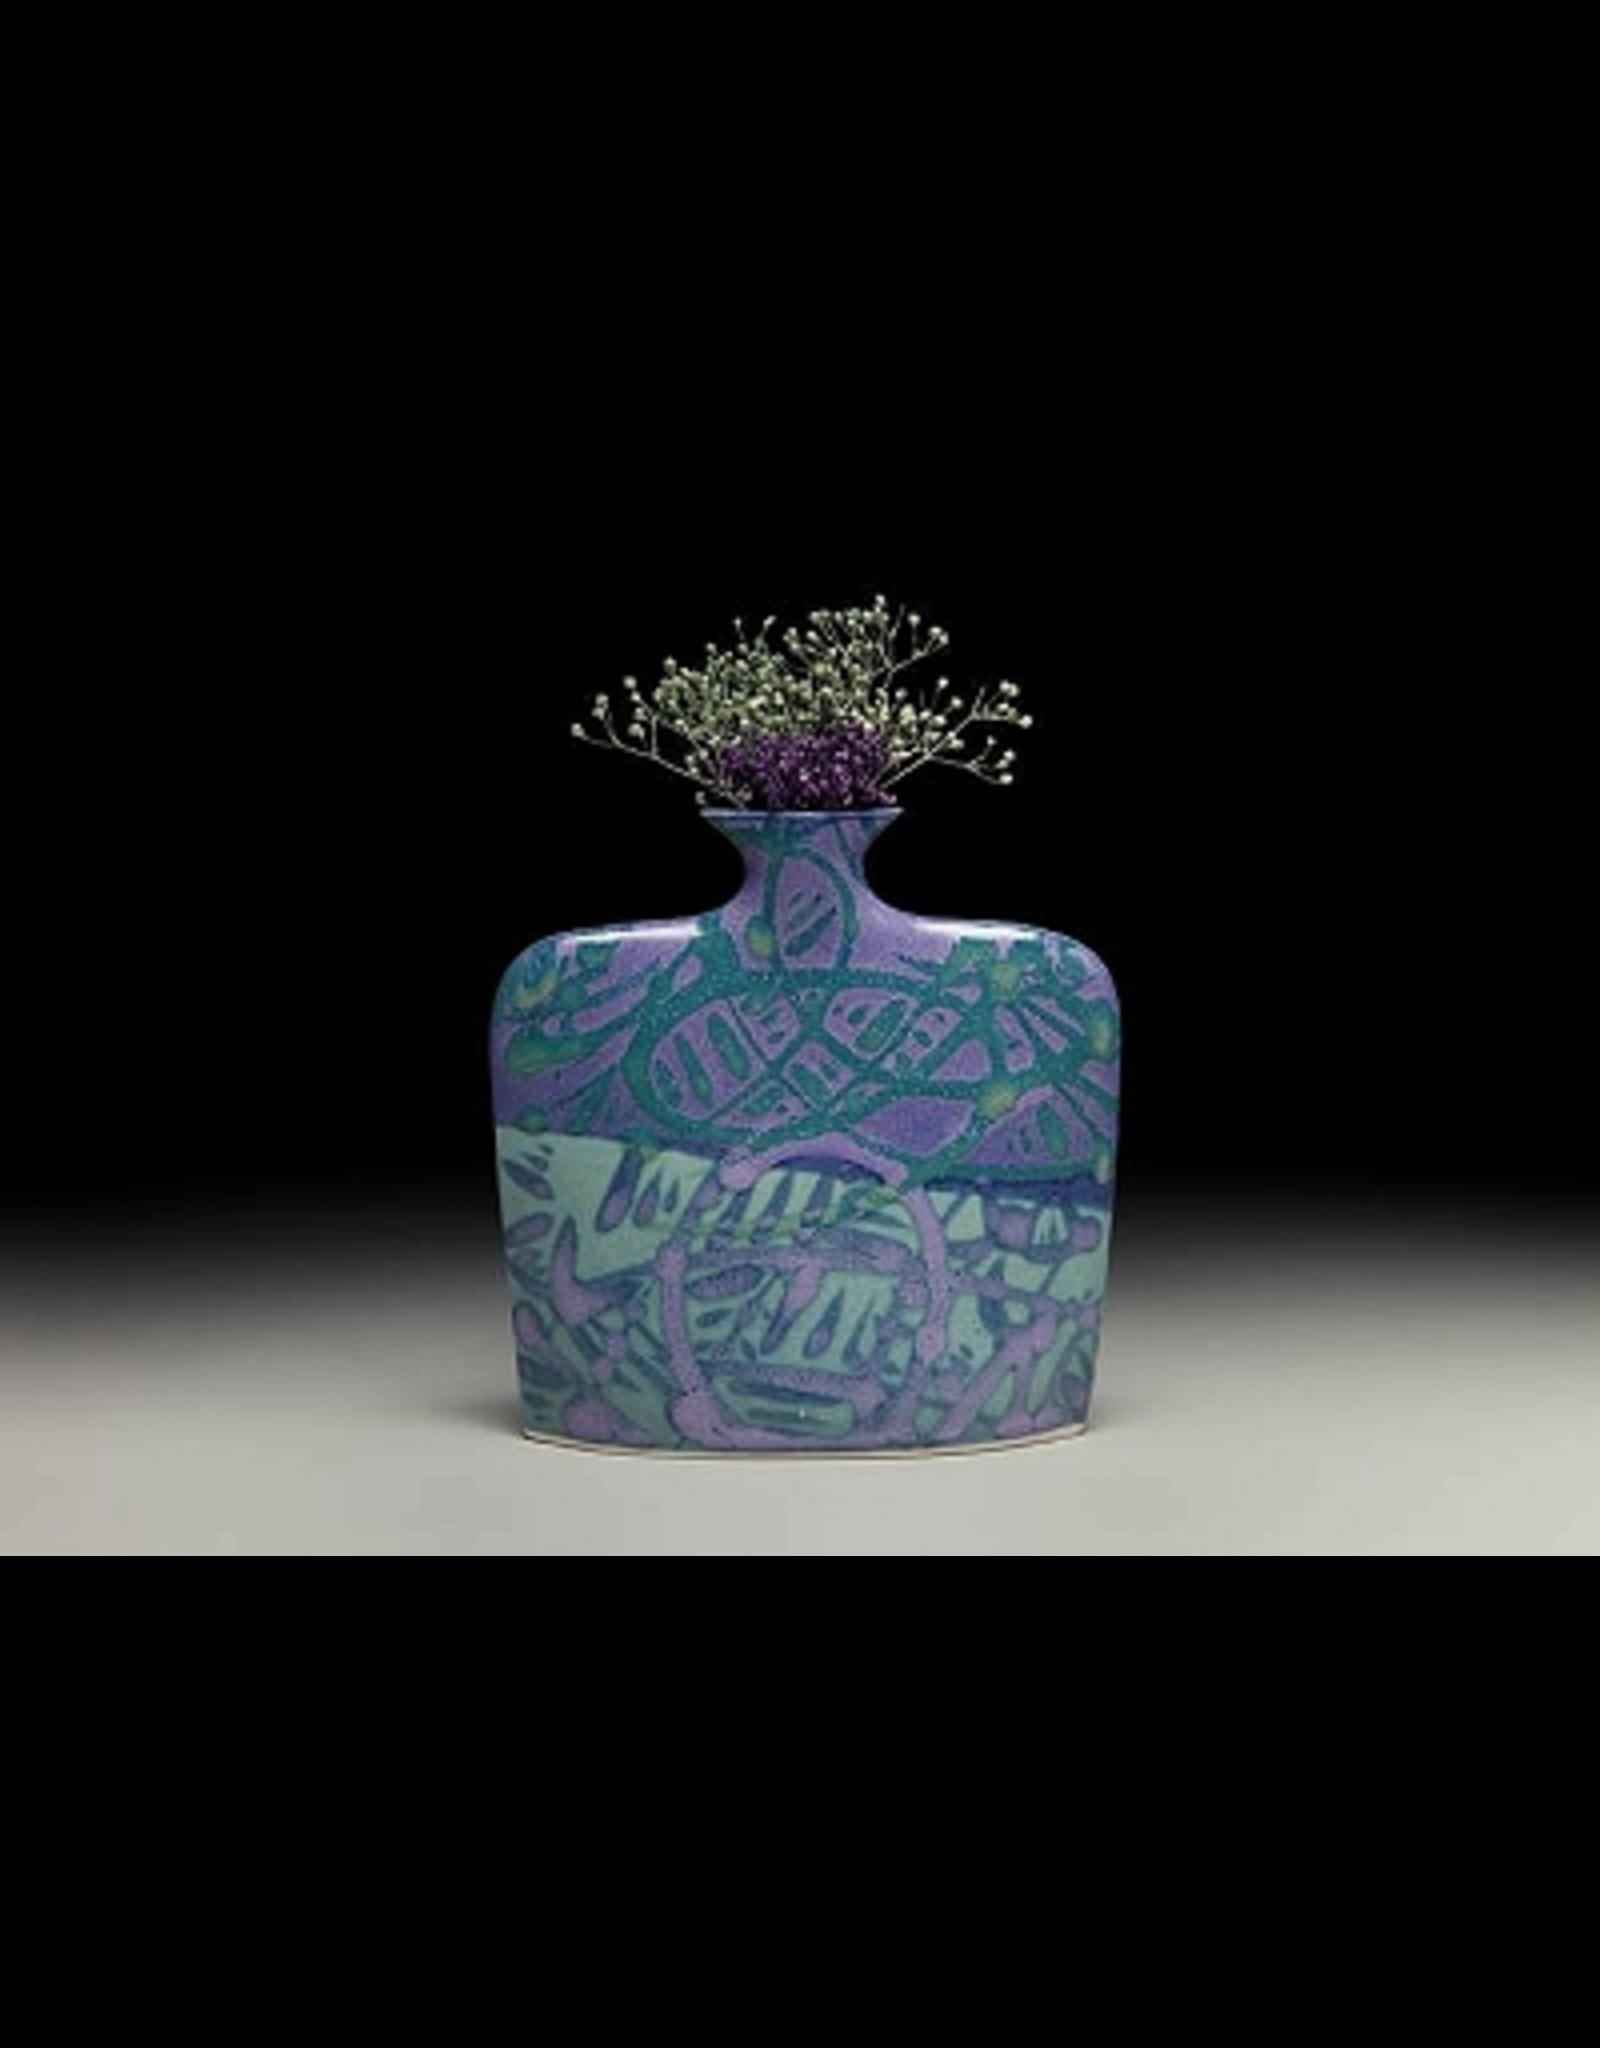 Earth & Sky Pottery Porcelain Slab Flower Vase (Md)